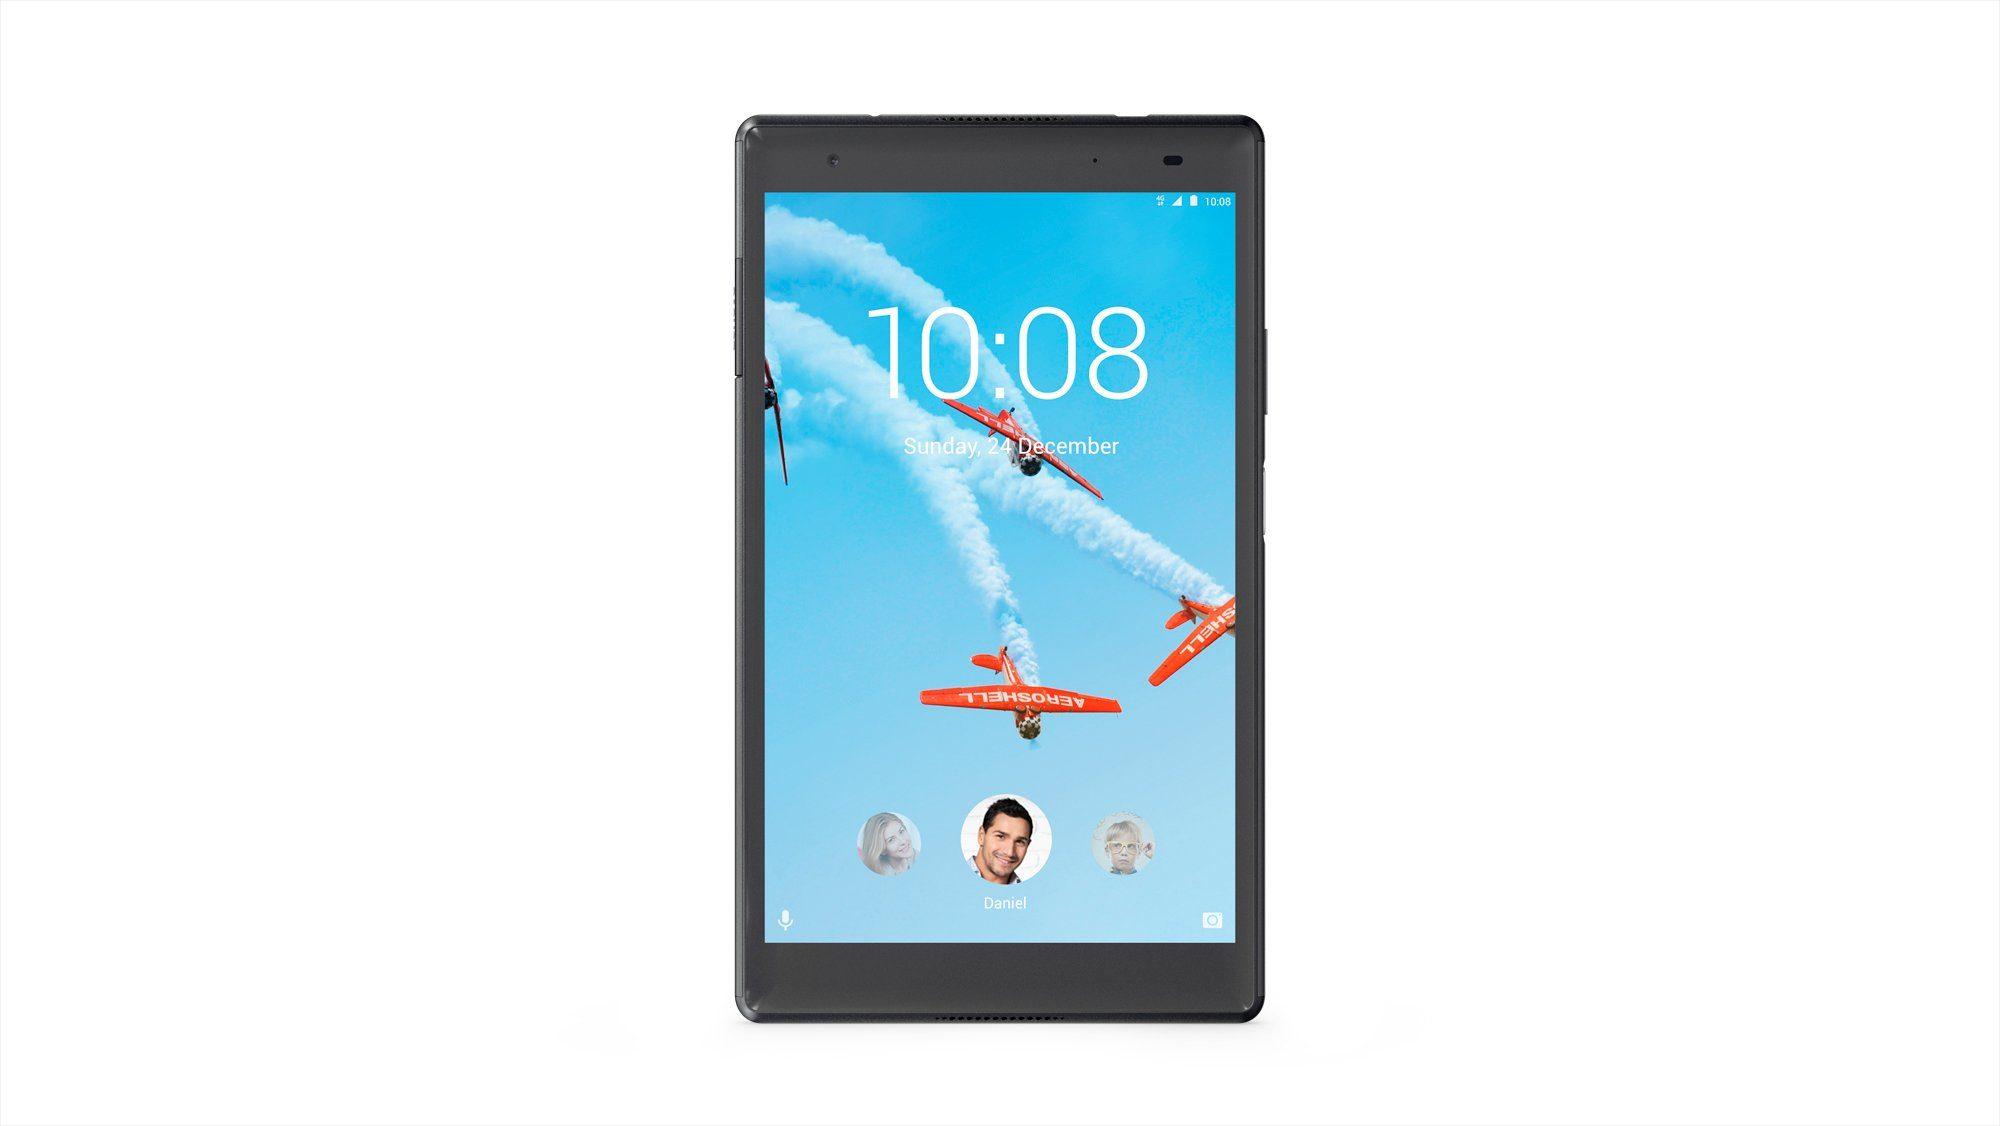 Lenovo Convertible Tablet PC »TB-8704F APQ8053 QC 4 GB + 64 GB«